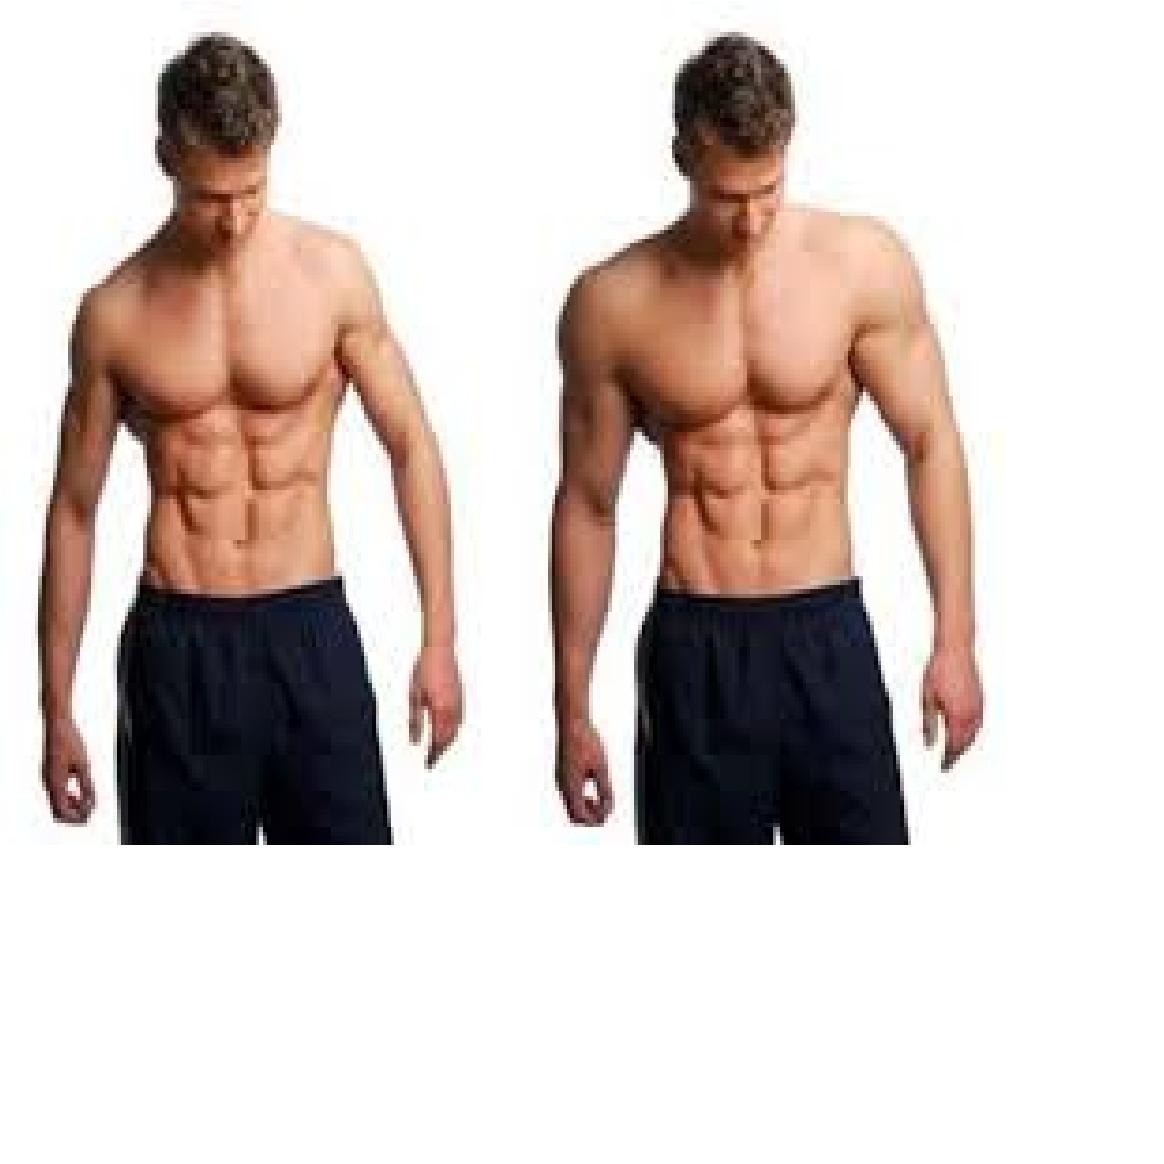 Dieta para hombres fitness cuida tu for Fitness gym hombres